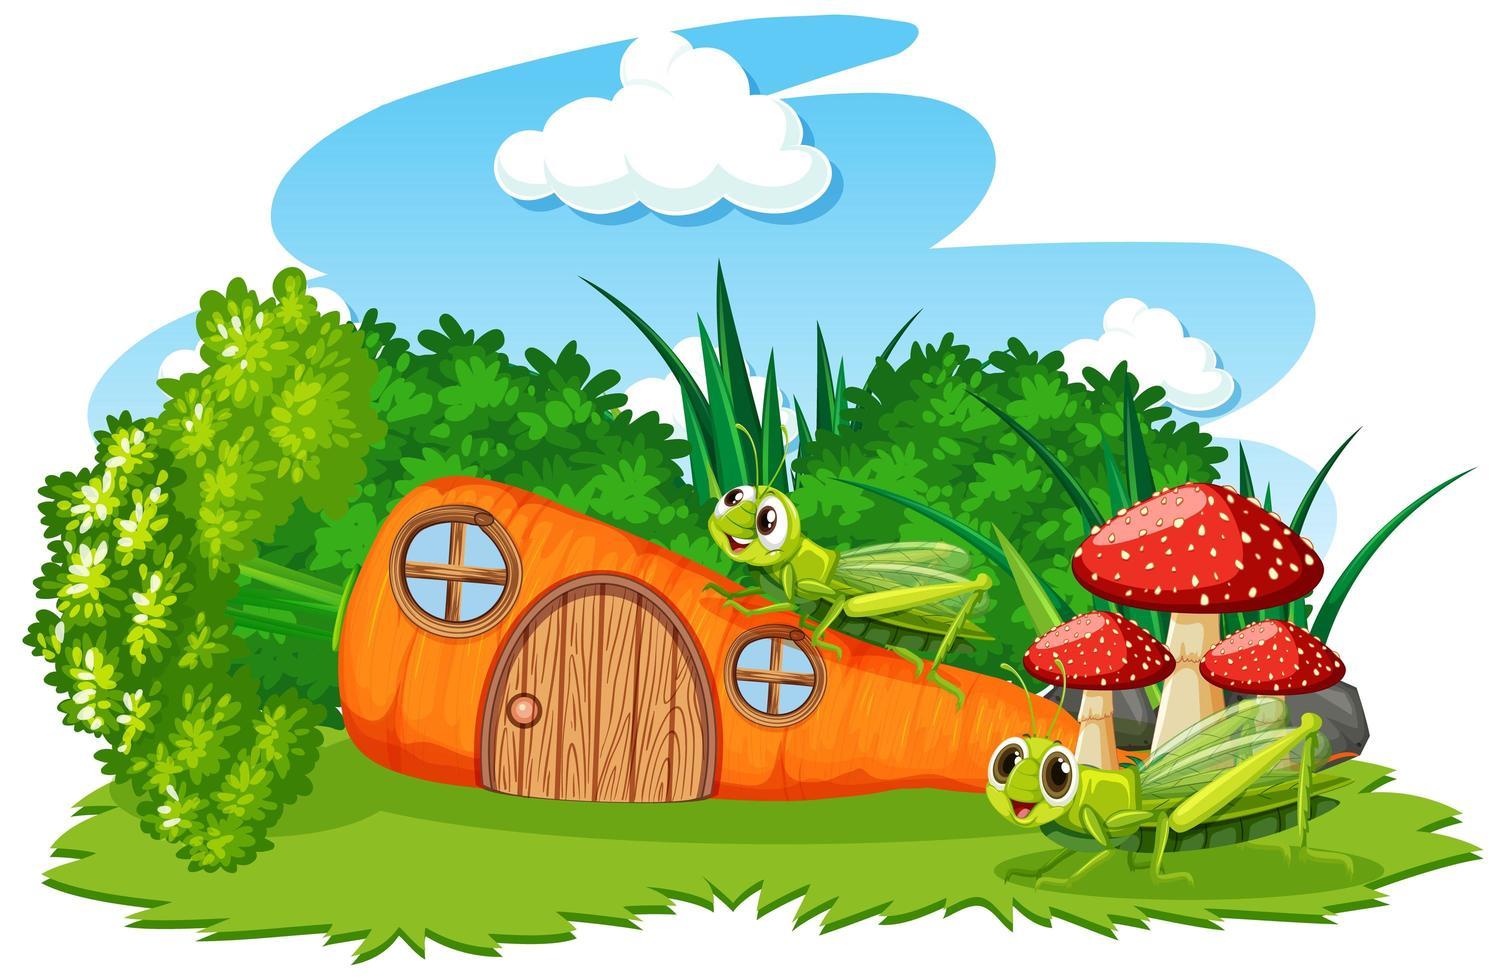 Zanahoria Animado Dibujo – Dibujos infantiles para colorear de animales, estaciones, amor, dibujos animados, disney, coches y motos.